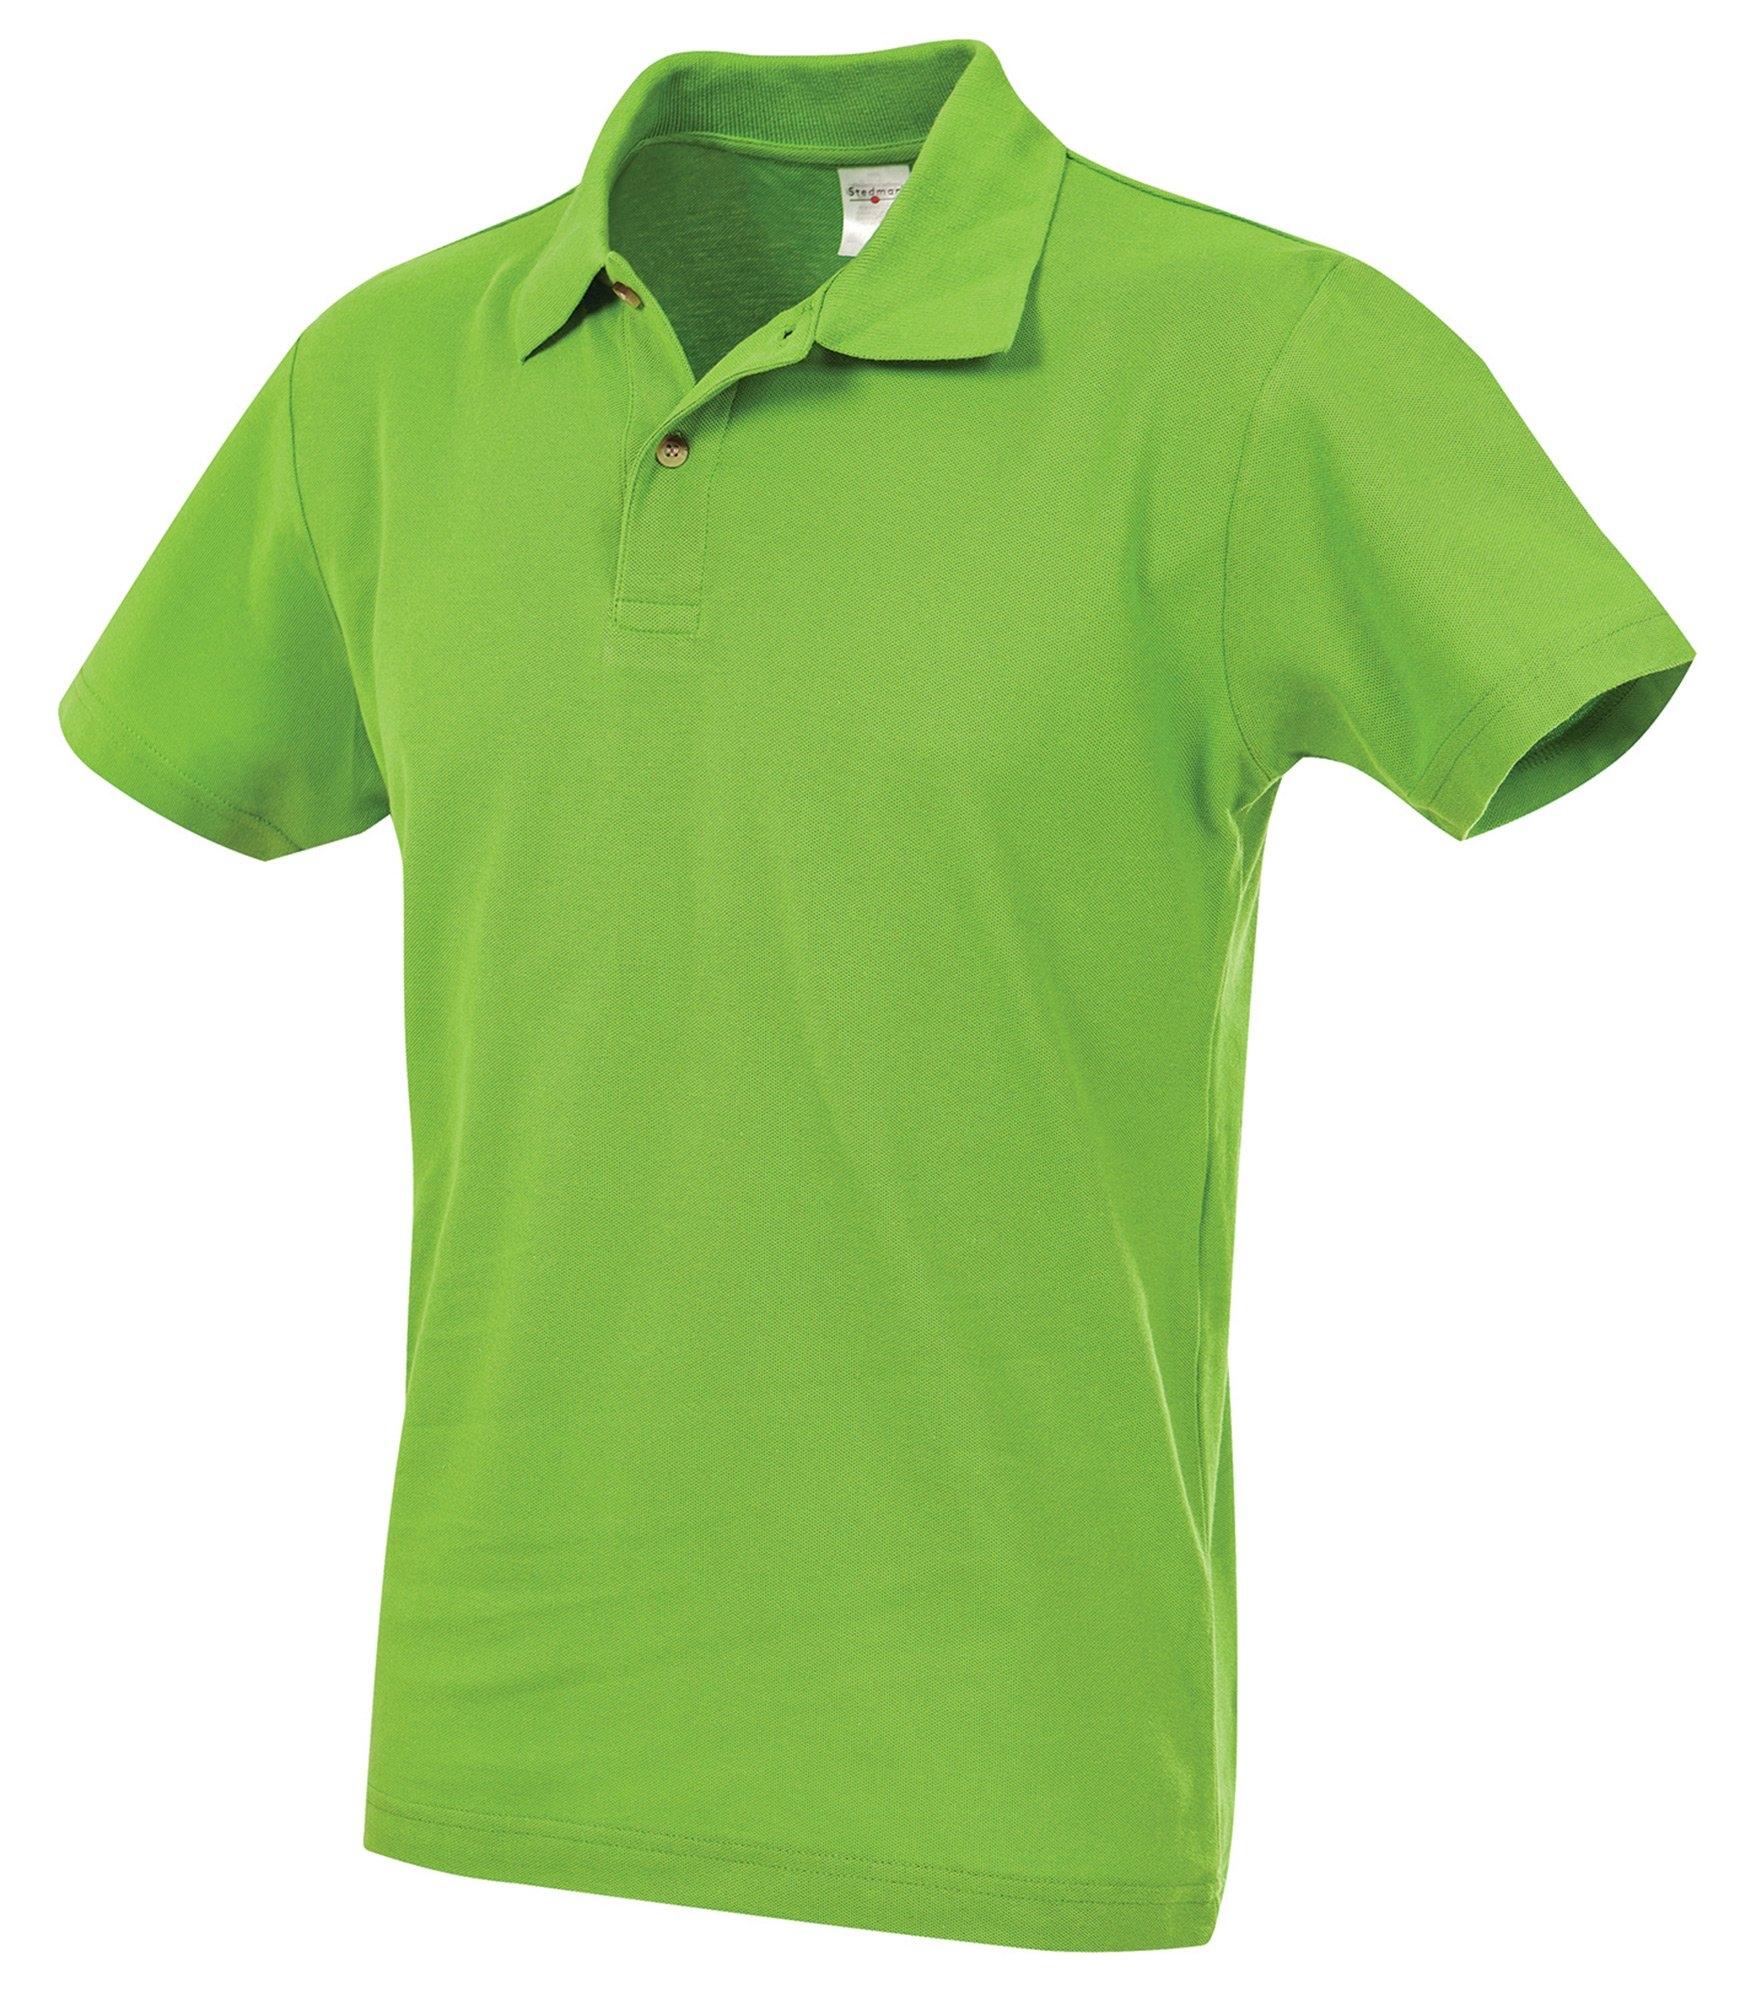 Stedman Poloshirt Koop Koop Poloshirt Bij Je Stedman Nn0PXwZ8kO